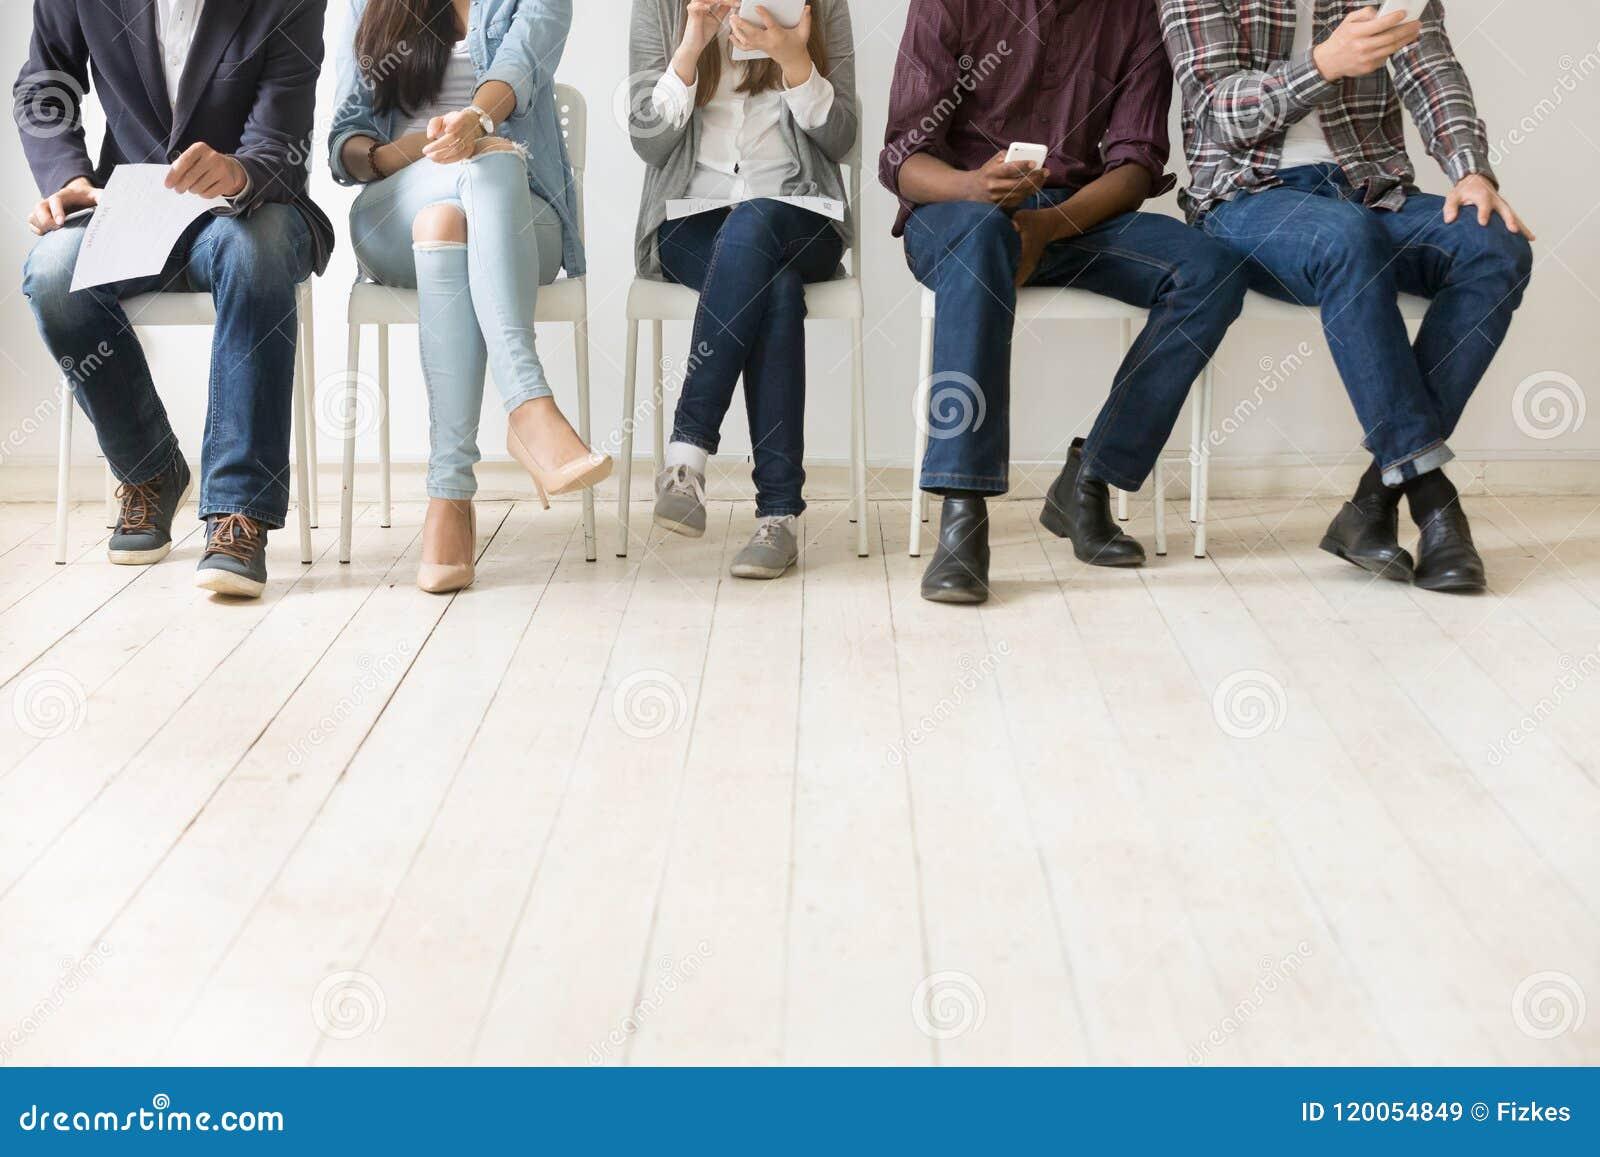 等待工作面试的不同的工作候选人底视图